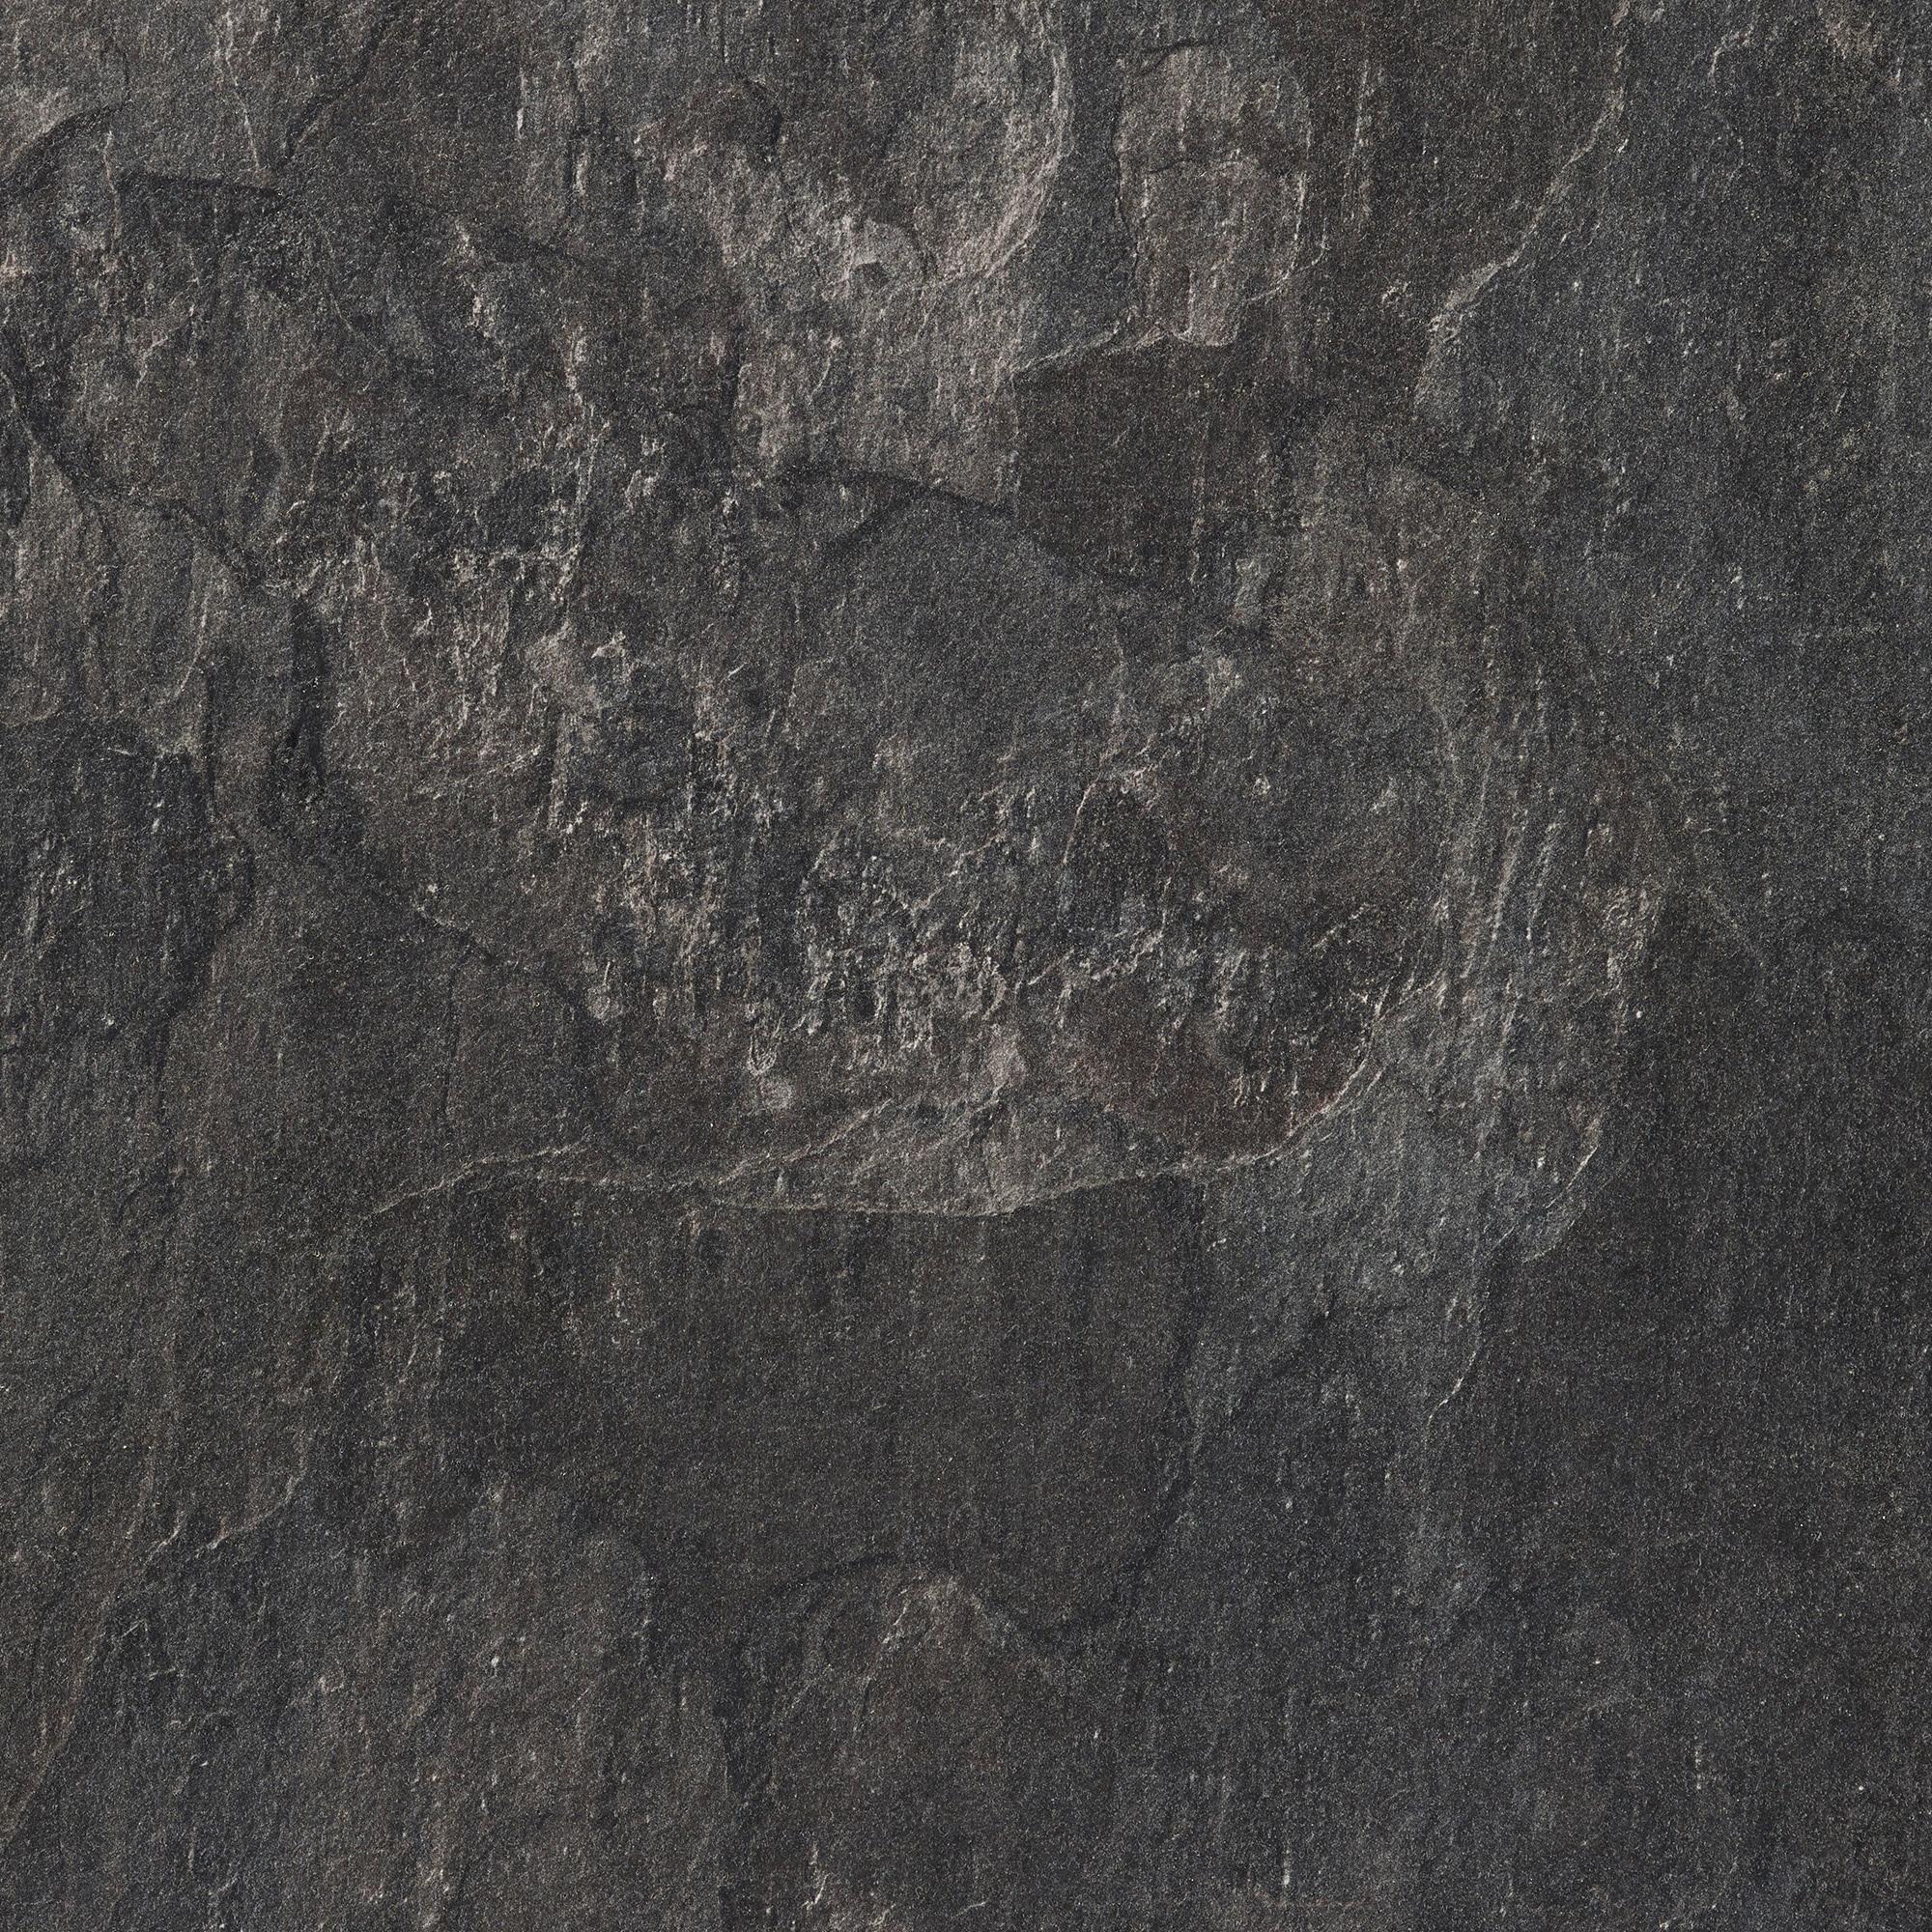 BODENMEISTER Packung: Laminat »Fliesenoptik Schiefer dunkel-grau«, 60 x 30  cm Fliese, Stärke: 8 mm online kaufen | BAUR